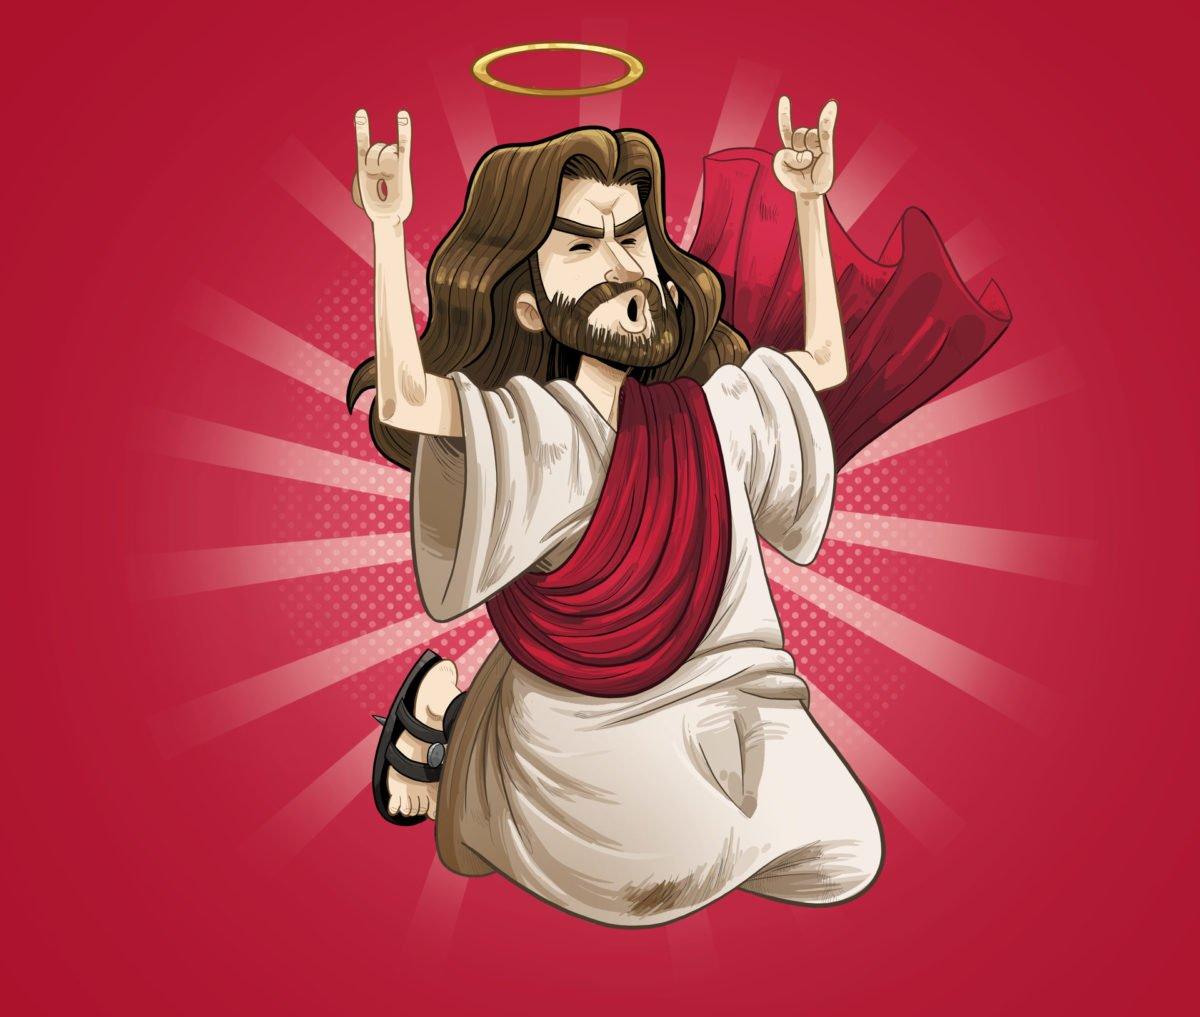 Bíblia ilustrada por memes Veja como seria isso em um mundo ideal 29